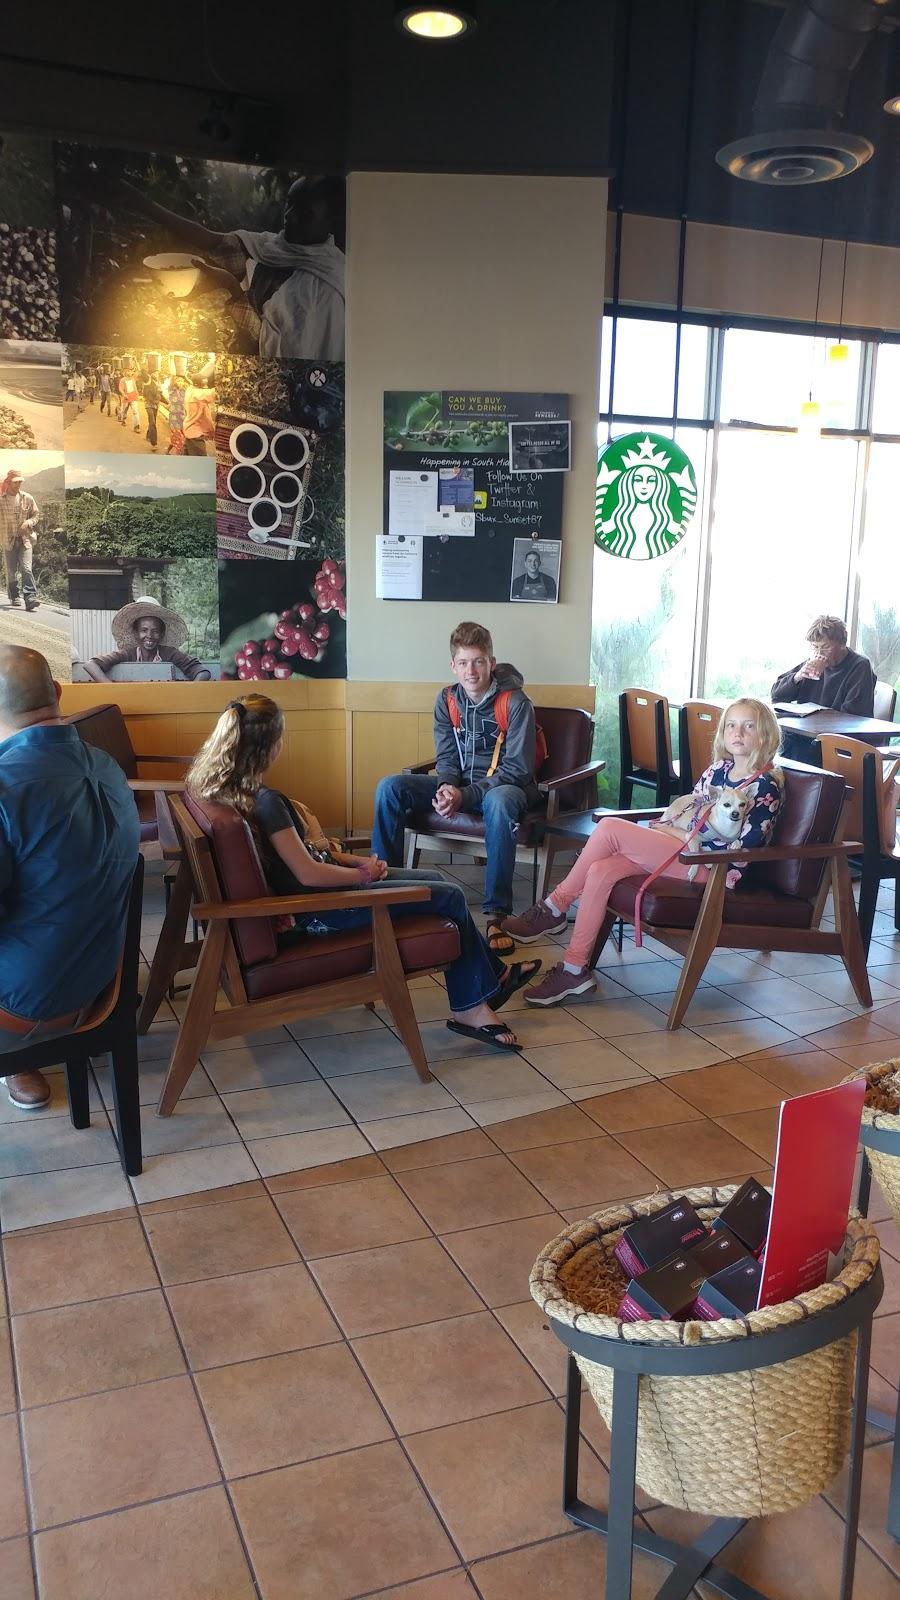 Starbucks - cafe  | Photo 7 of 10 | Address: 8660 SW 72nd St, Miami, FL 33143, USA | Phone: (305) 412-1483